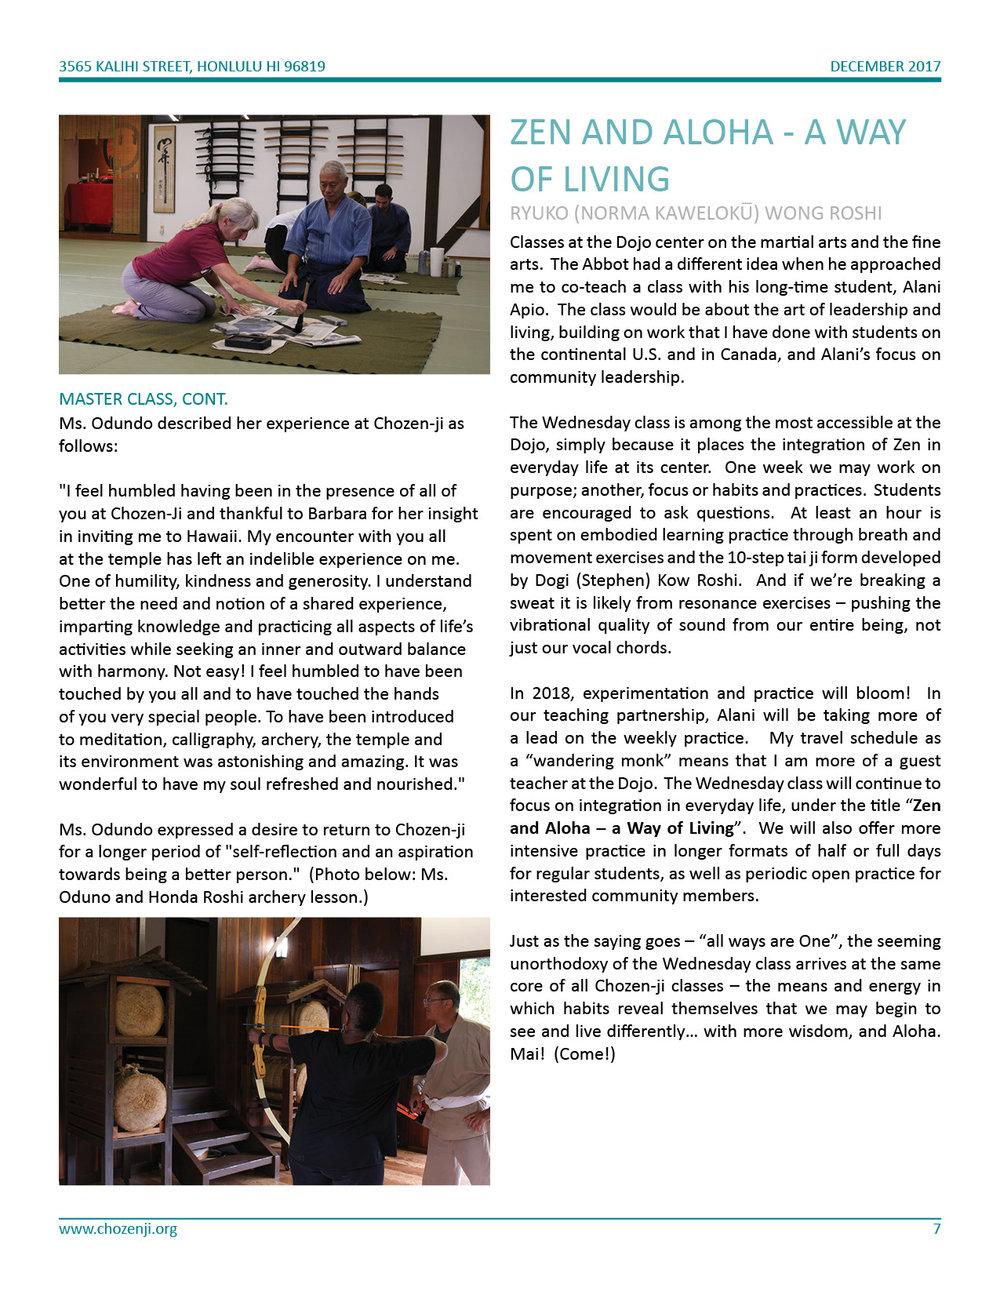 Dojo Newsletter - Winter 2017 7.jpg